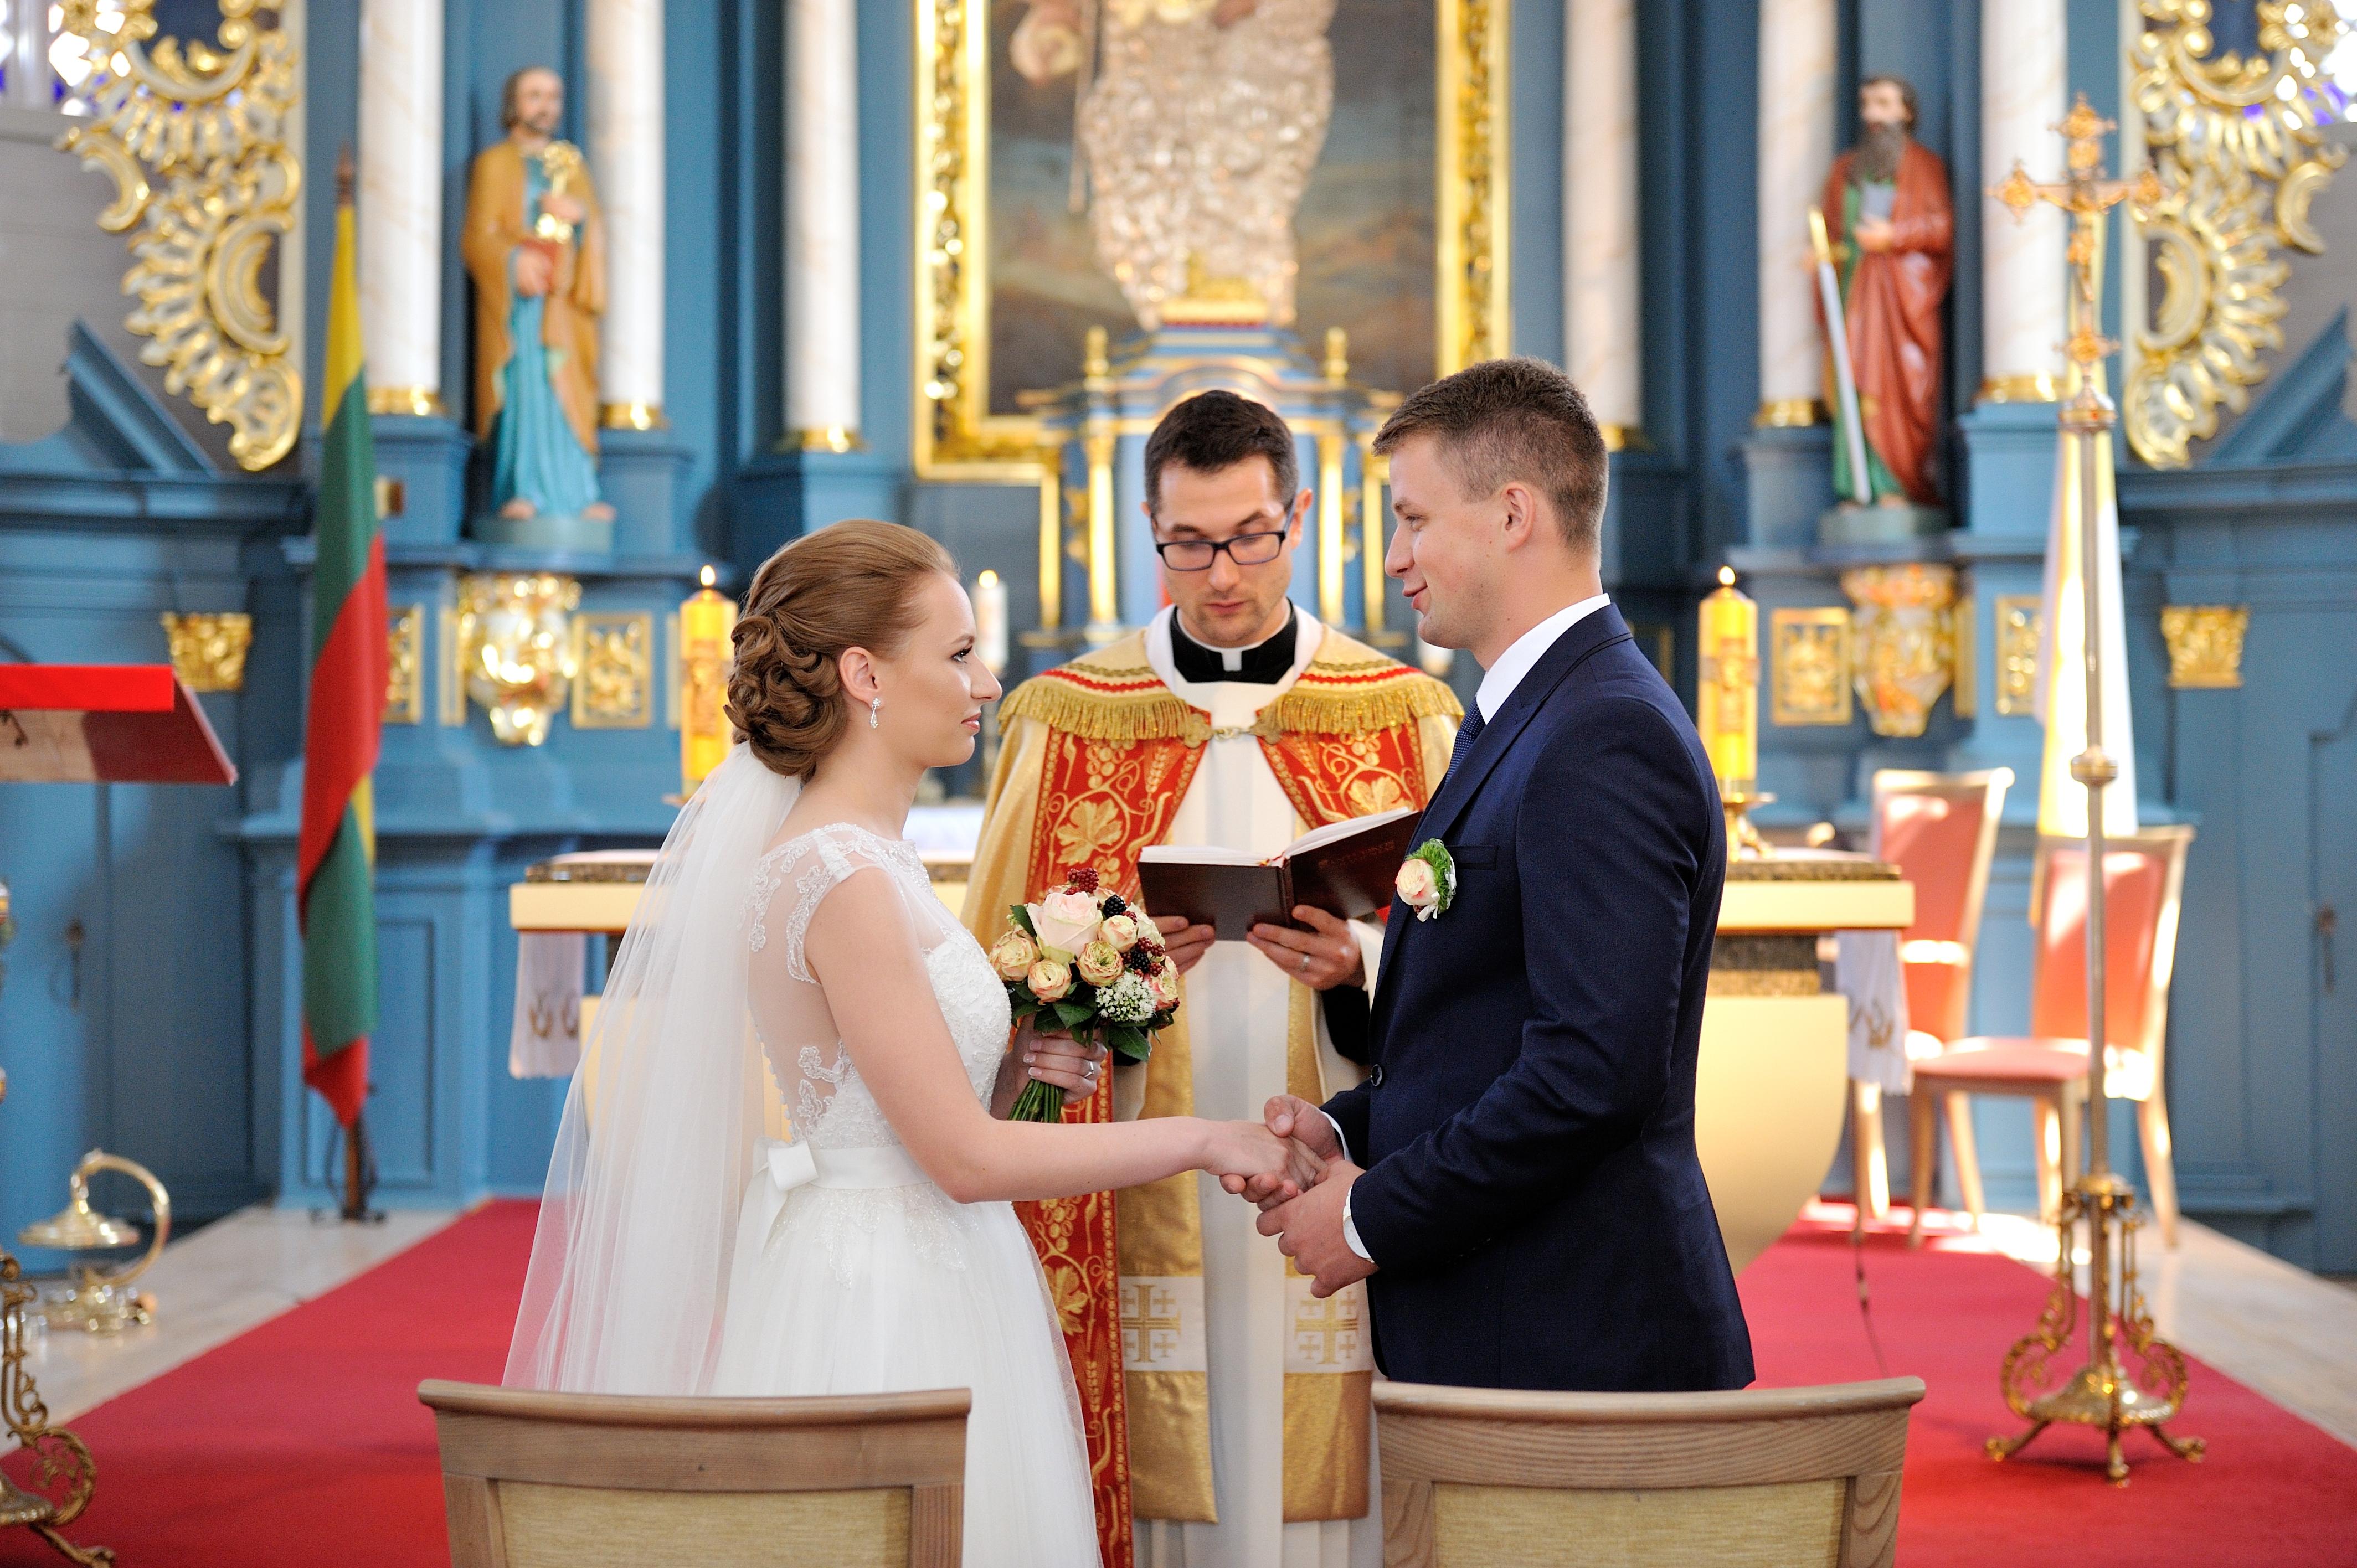 Santuokos priesaika bažnyčioje